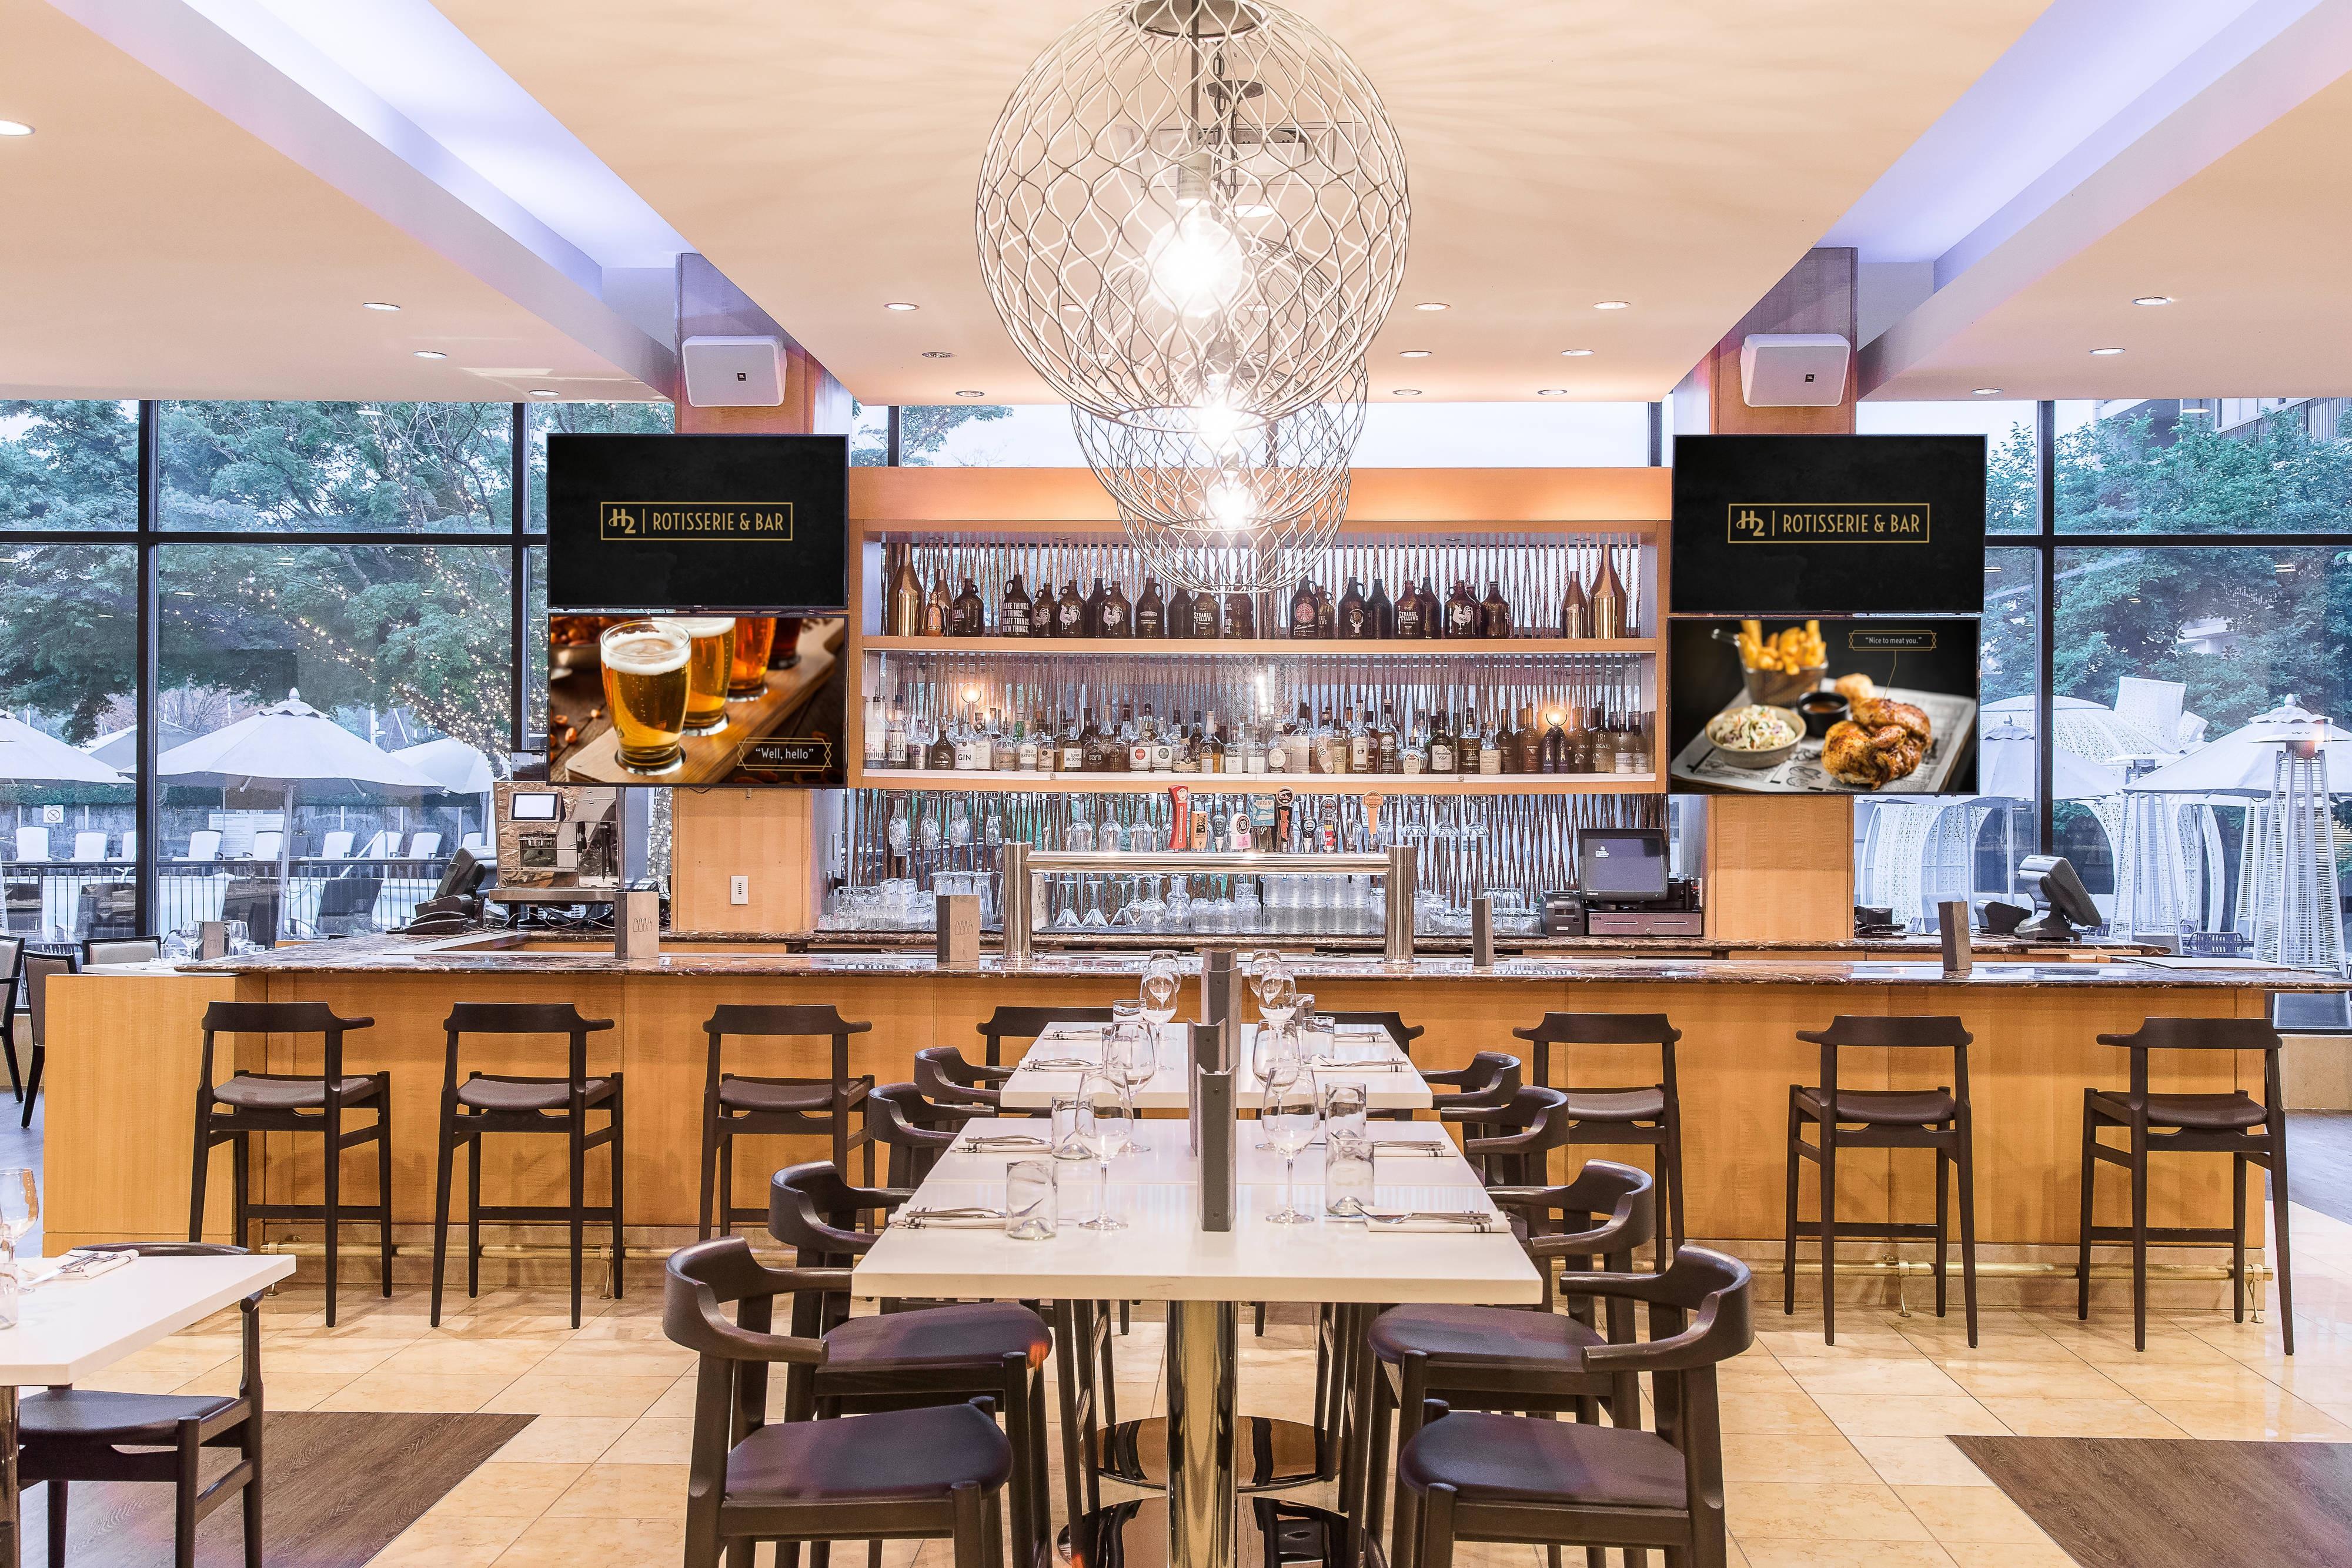 H2 Rotisserie Bar